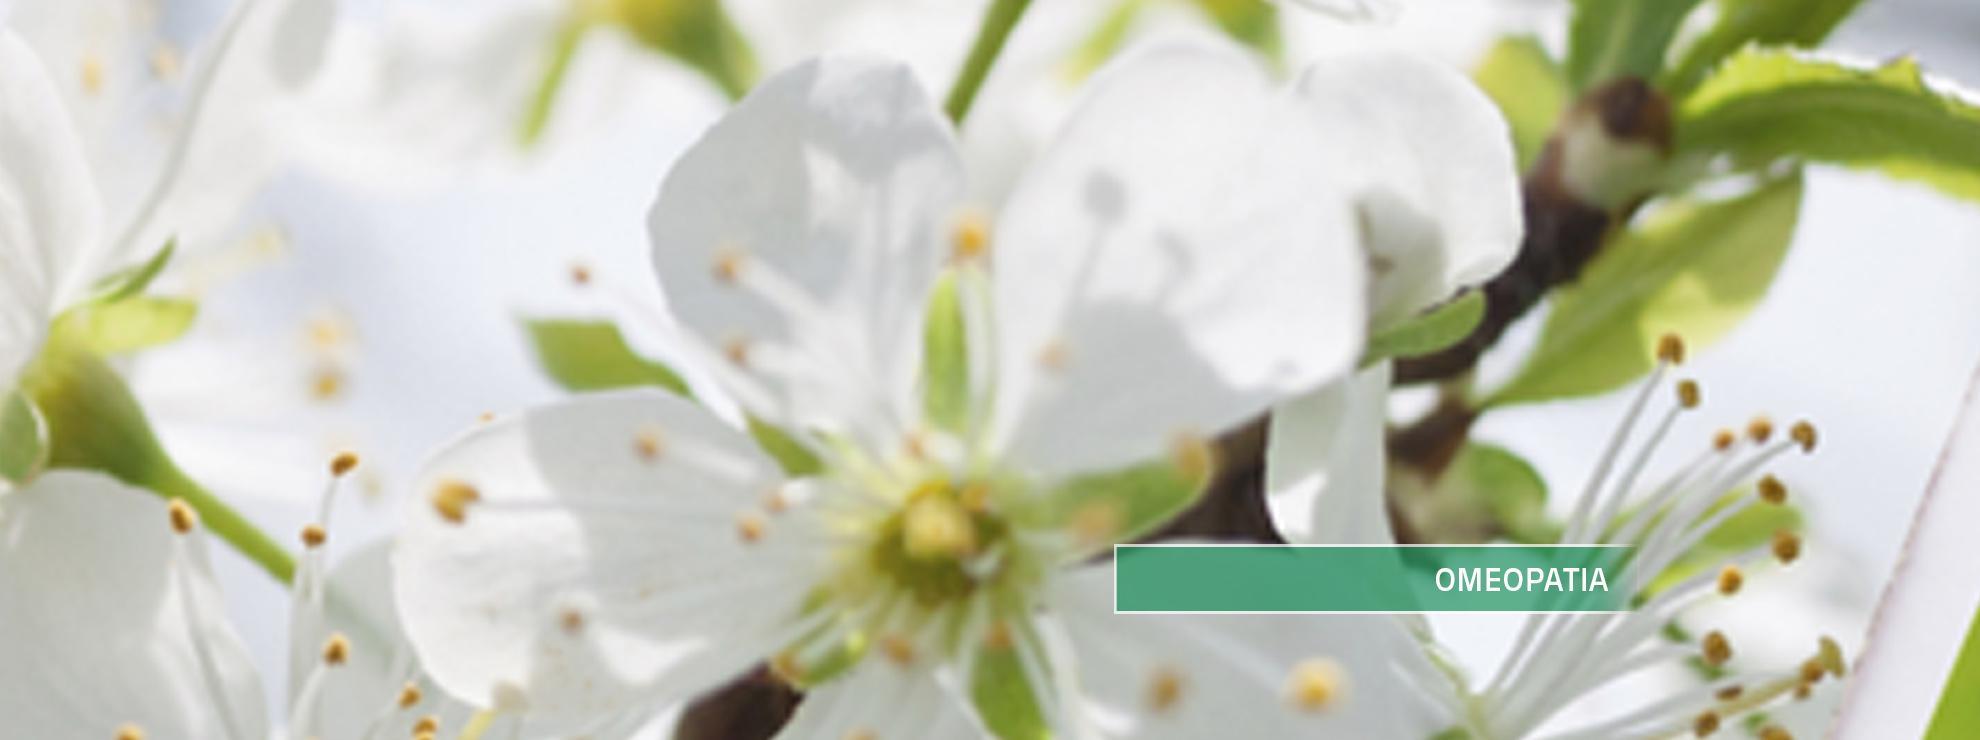 fiore bianco con scritto Omeopatia